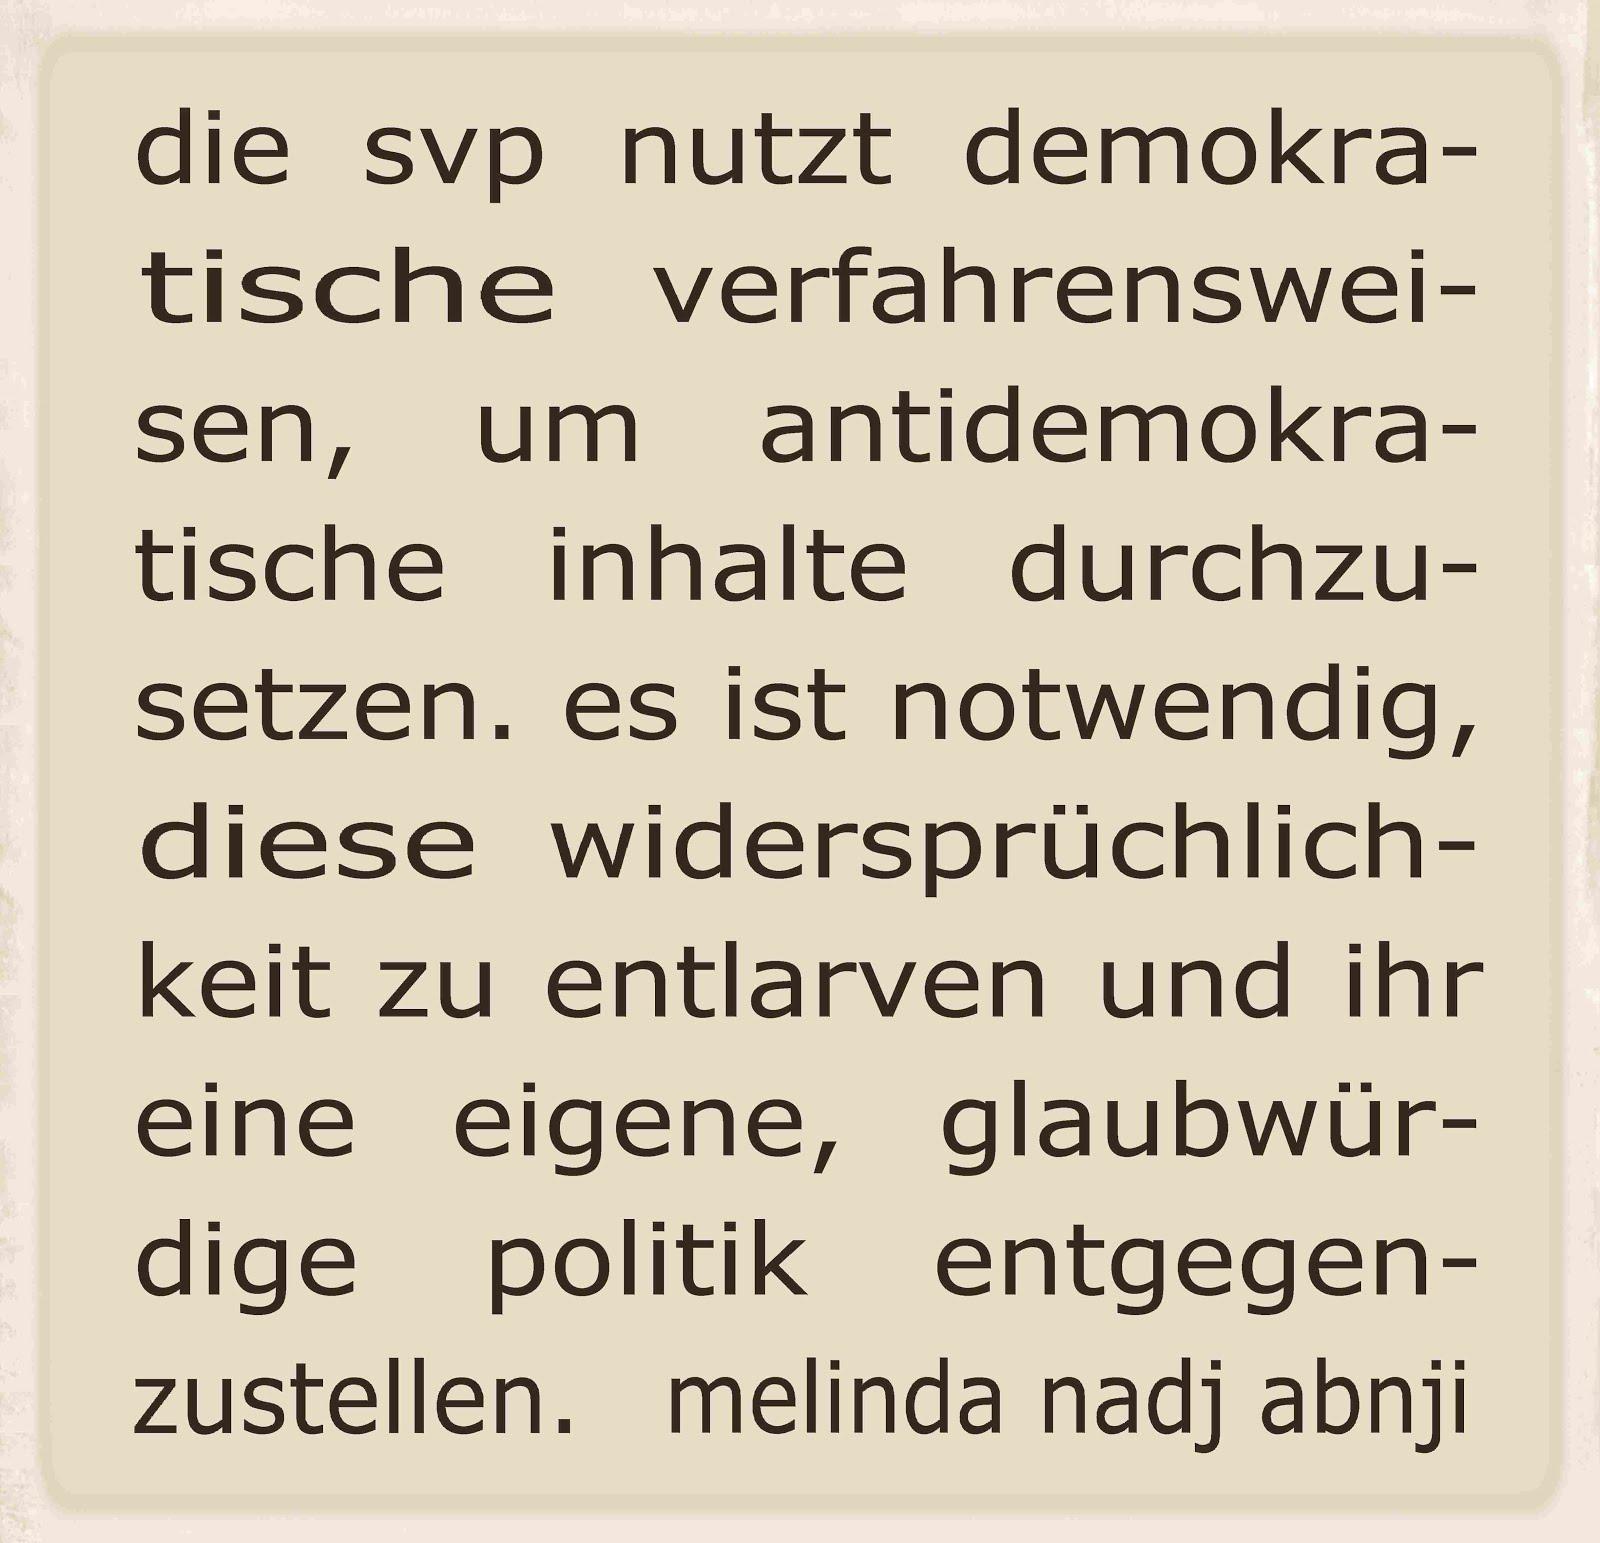 DIE ZEIT emil steinberger wahlen widmer-schlumpf mischa vetere nadji DIE GEISTIGE REVOLUTION 2011ch